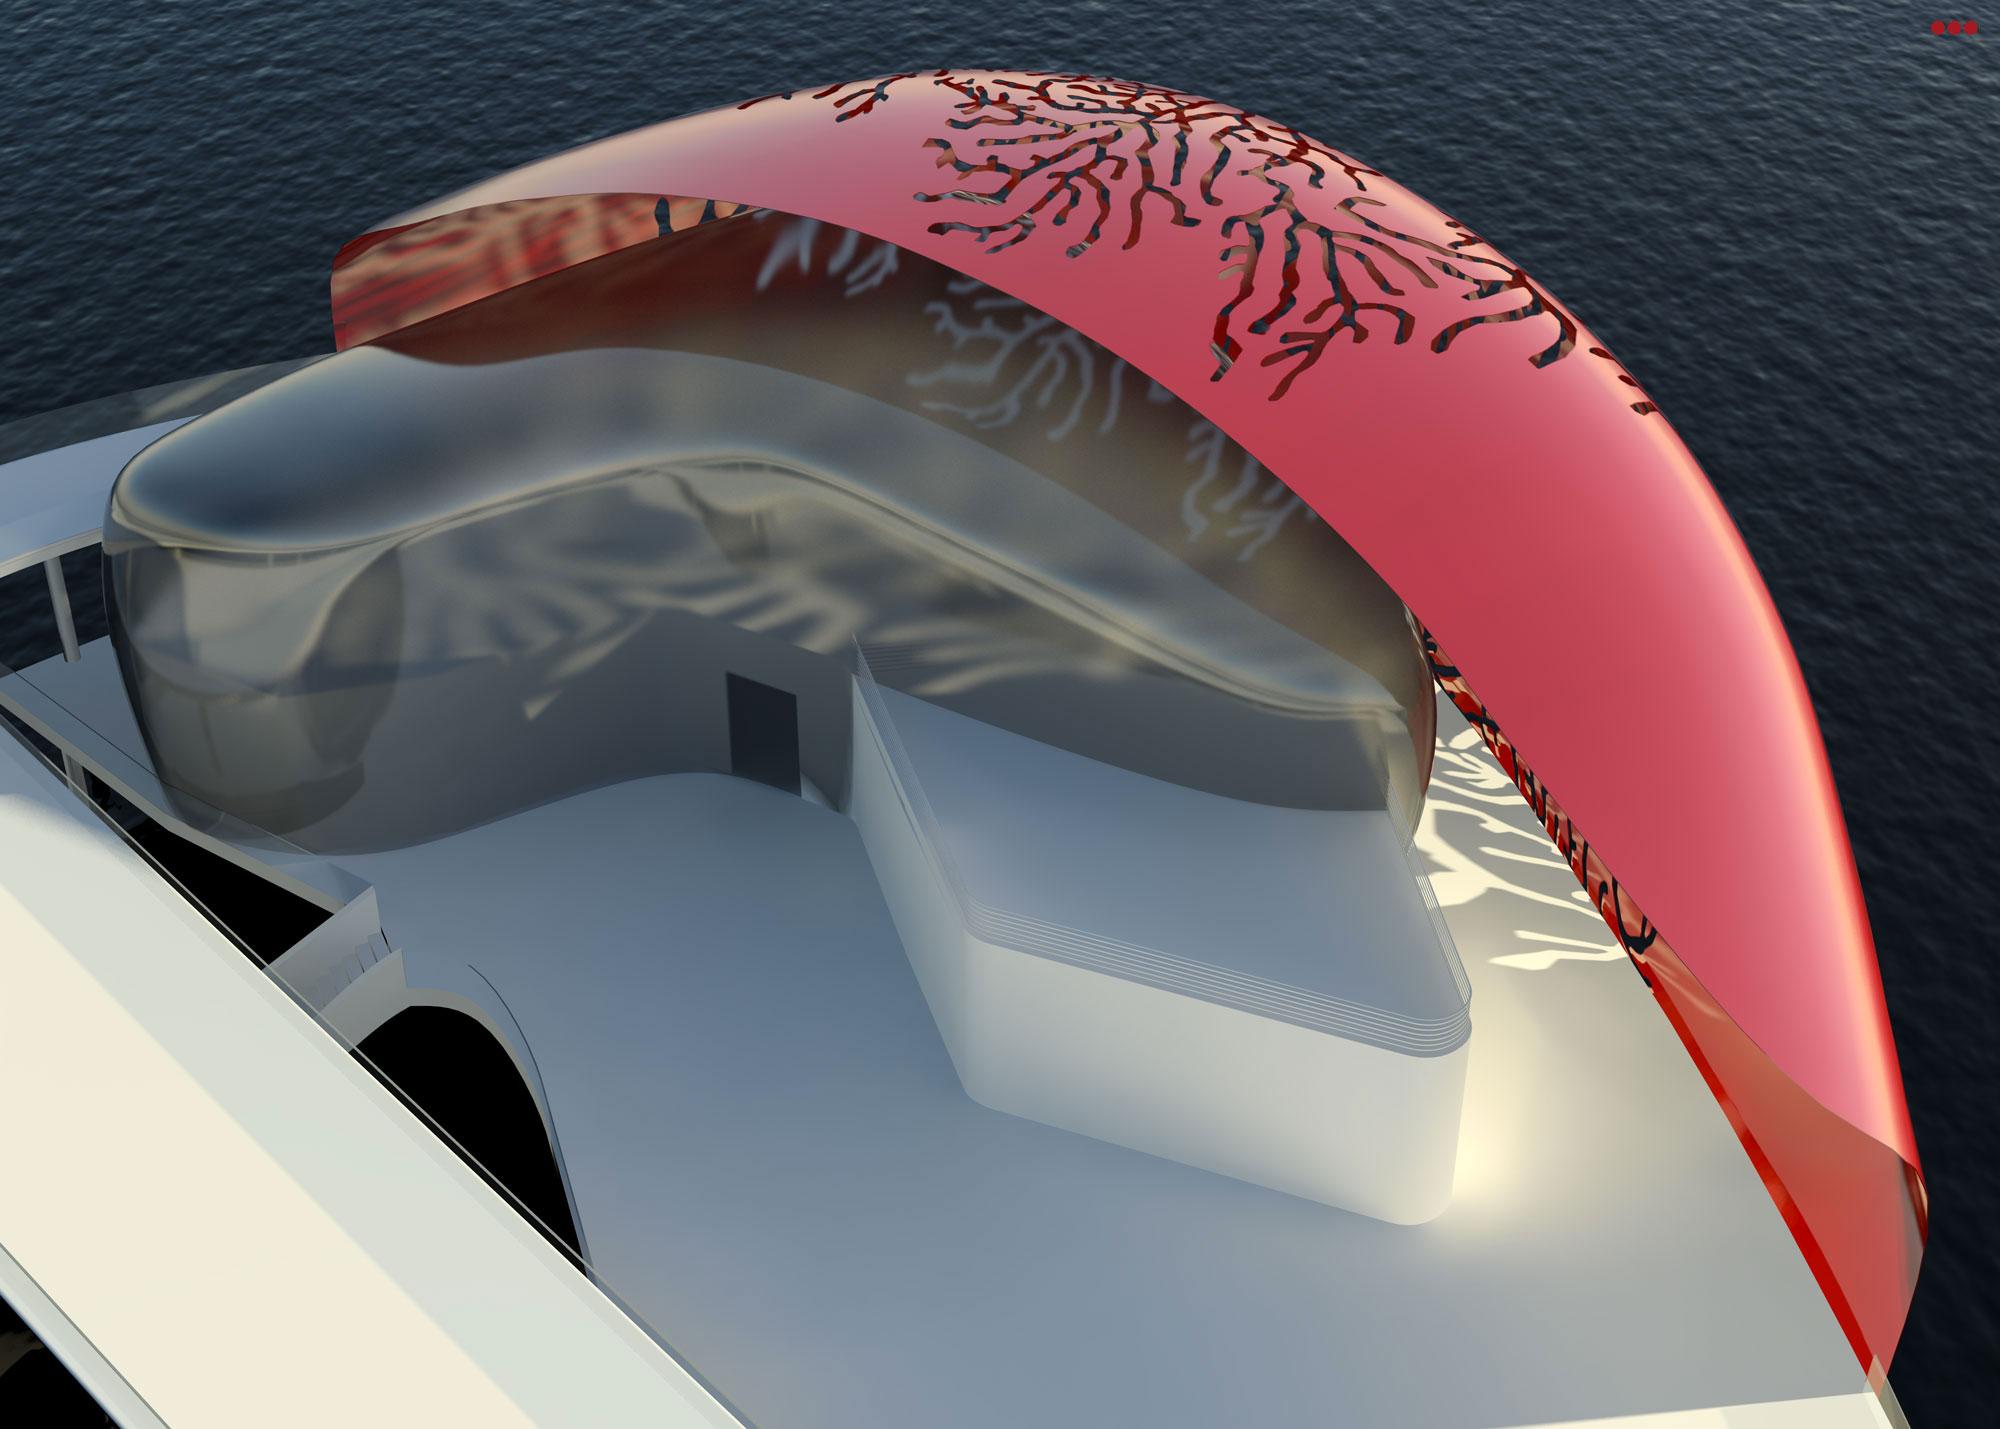 Surdio Bartolini progetto isola porto canale cattolica rimini grafica rendering modeling 3d 1